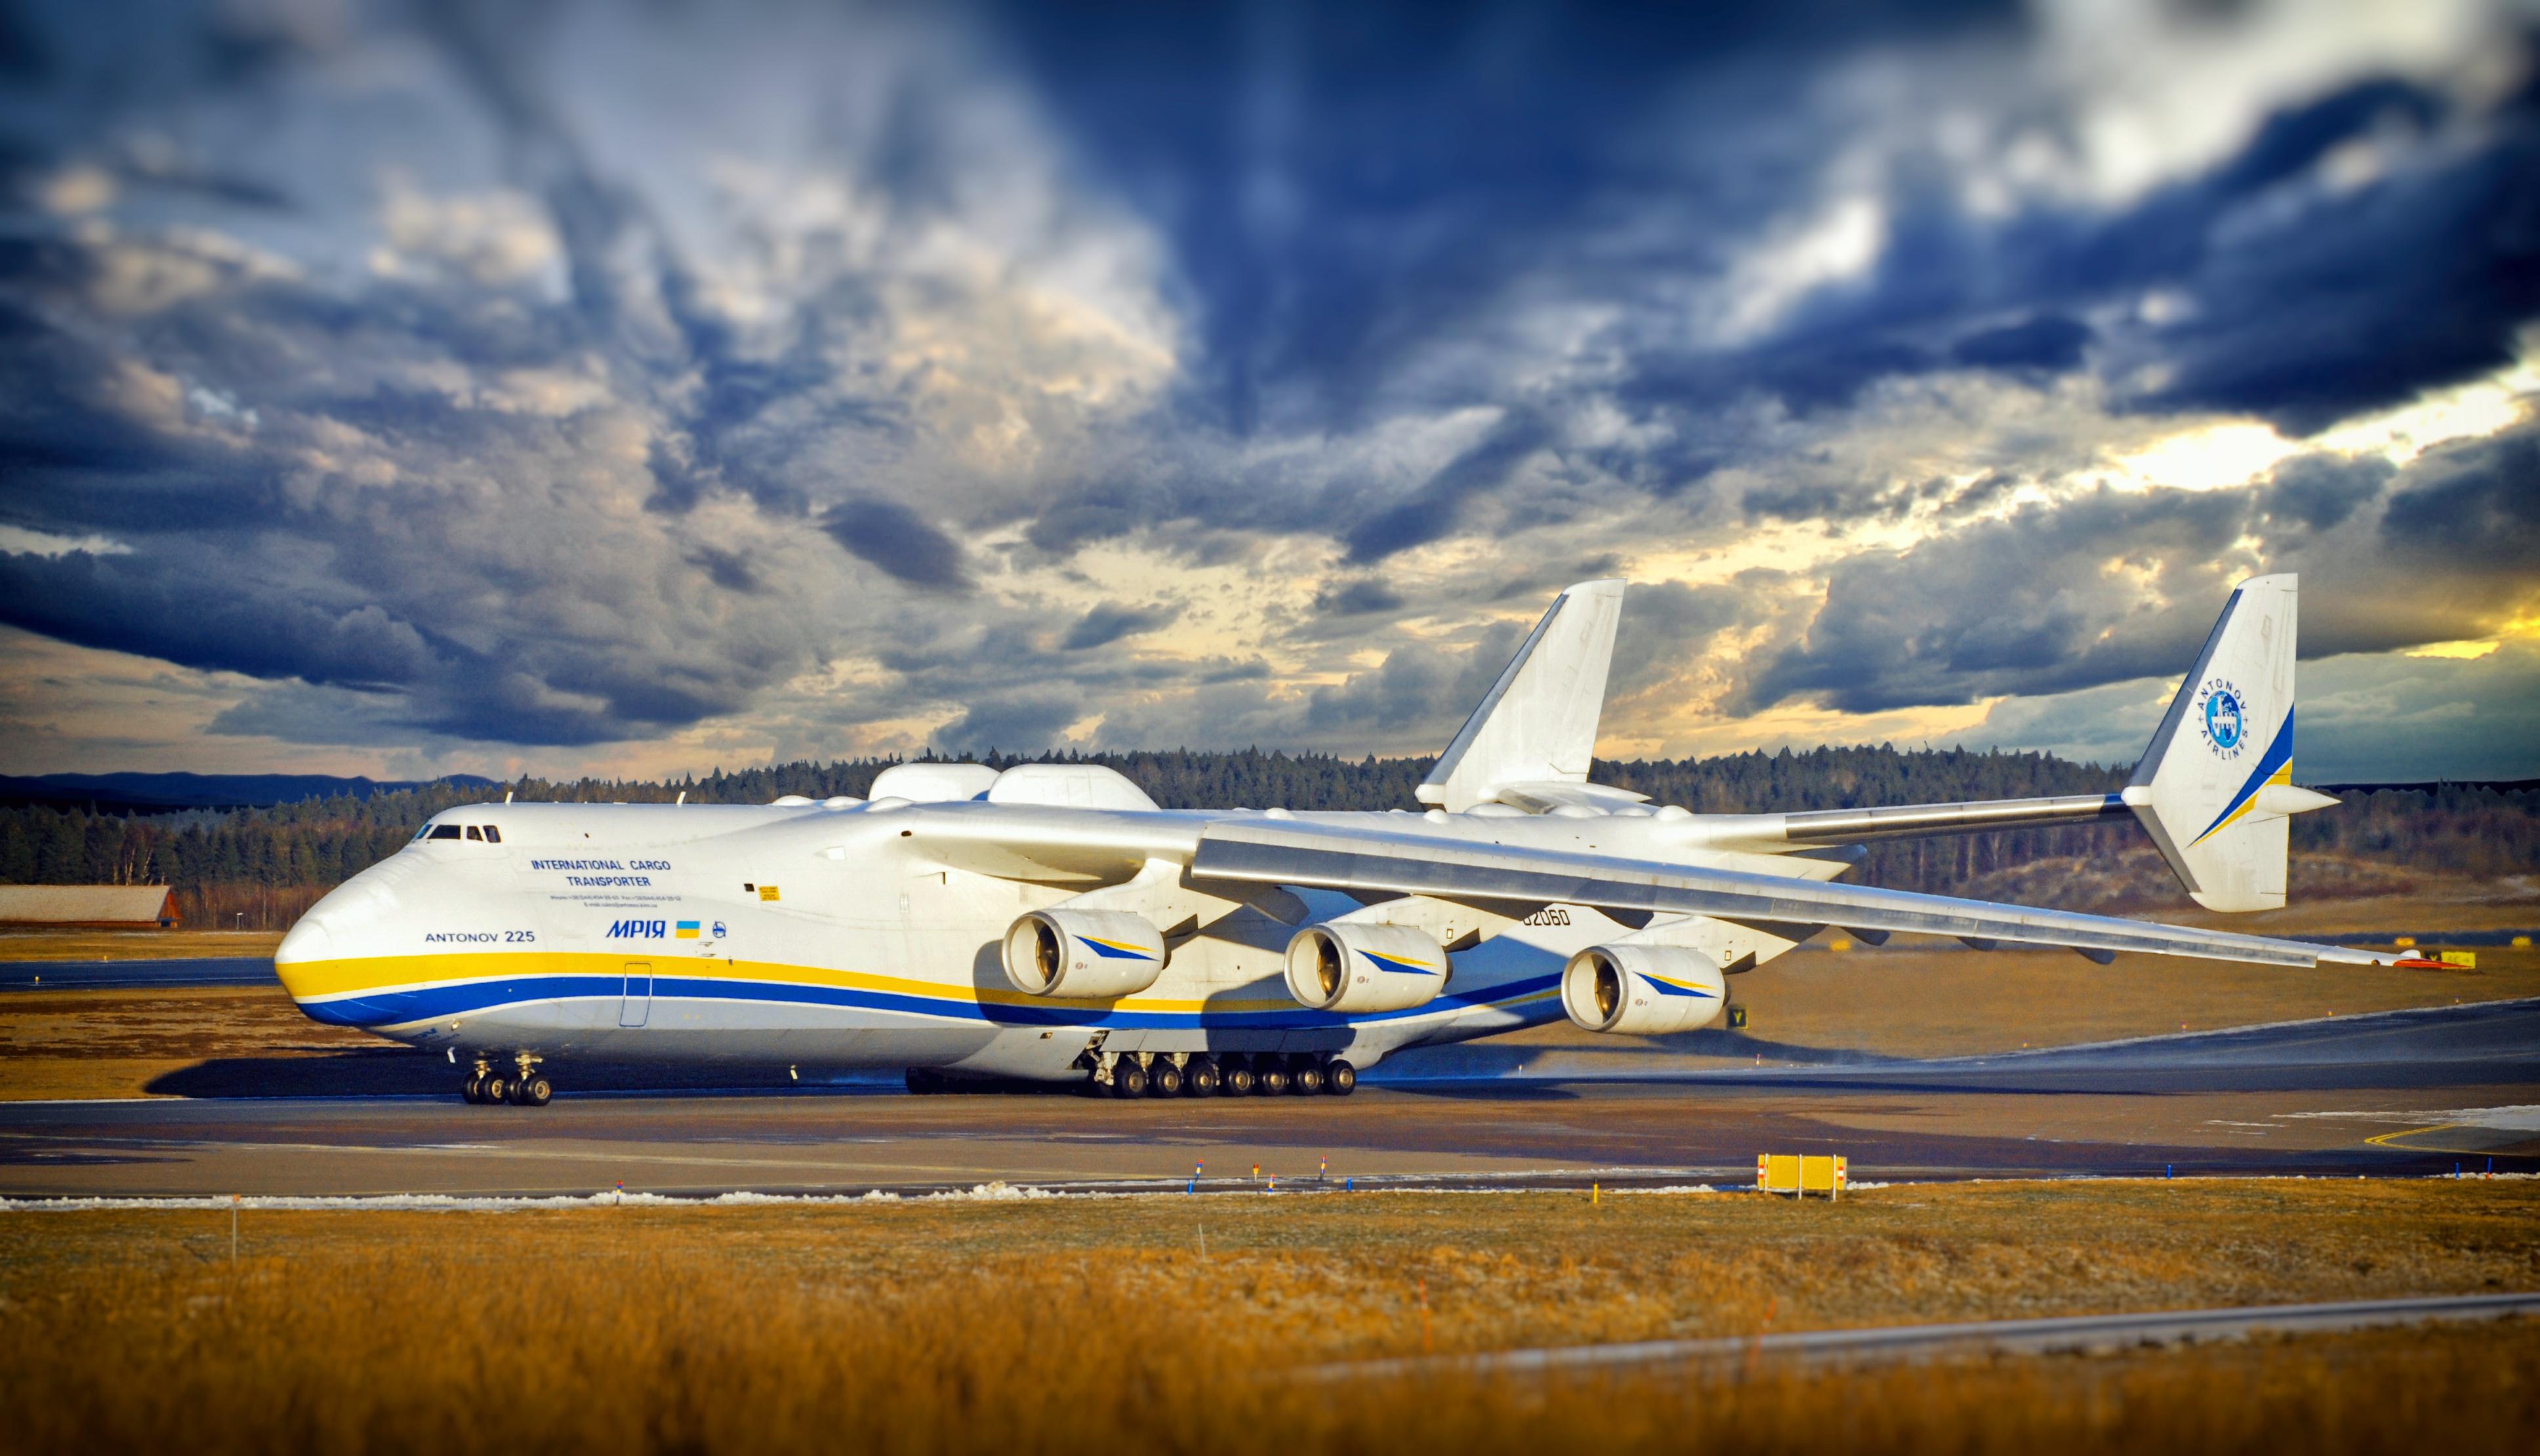 Антонов самолет фото